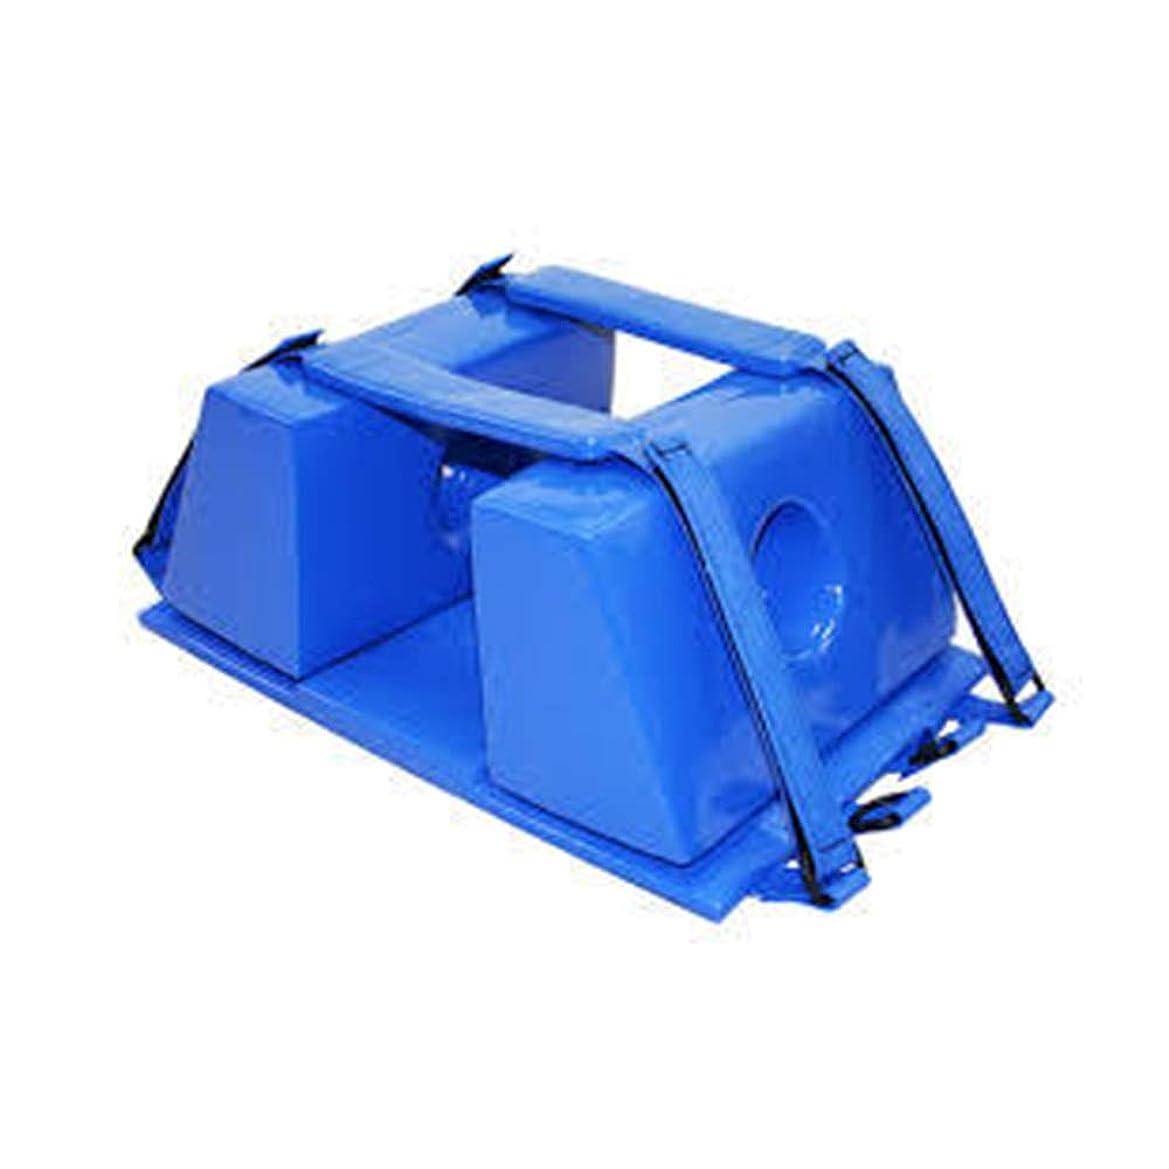 手配する写真を描く逃す背板 - 背骨のための普遍的な緊急の再使用可能な救助のライト級選手のための脊椎板頭部の固定装置,Blue